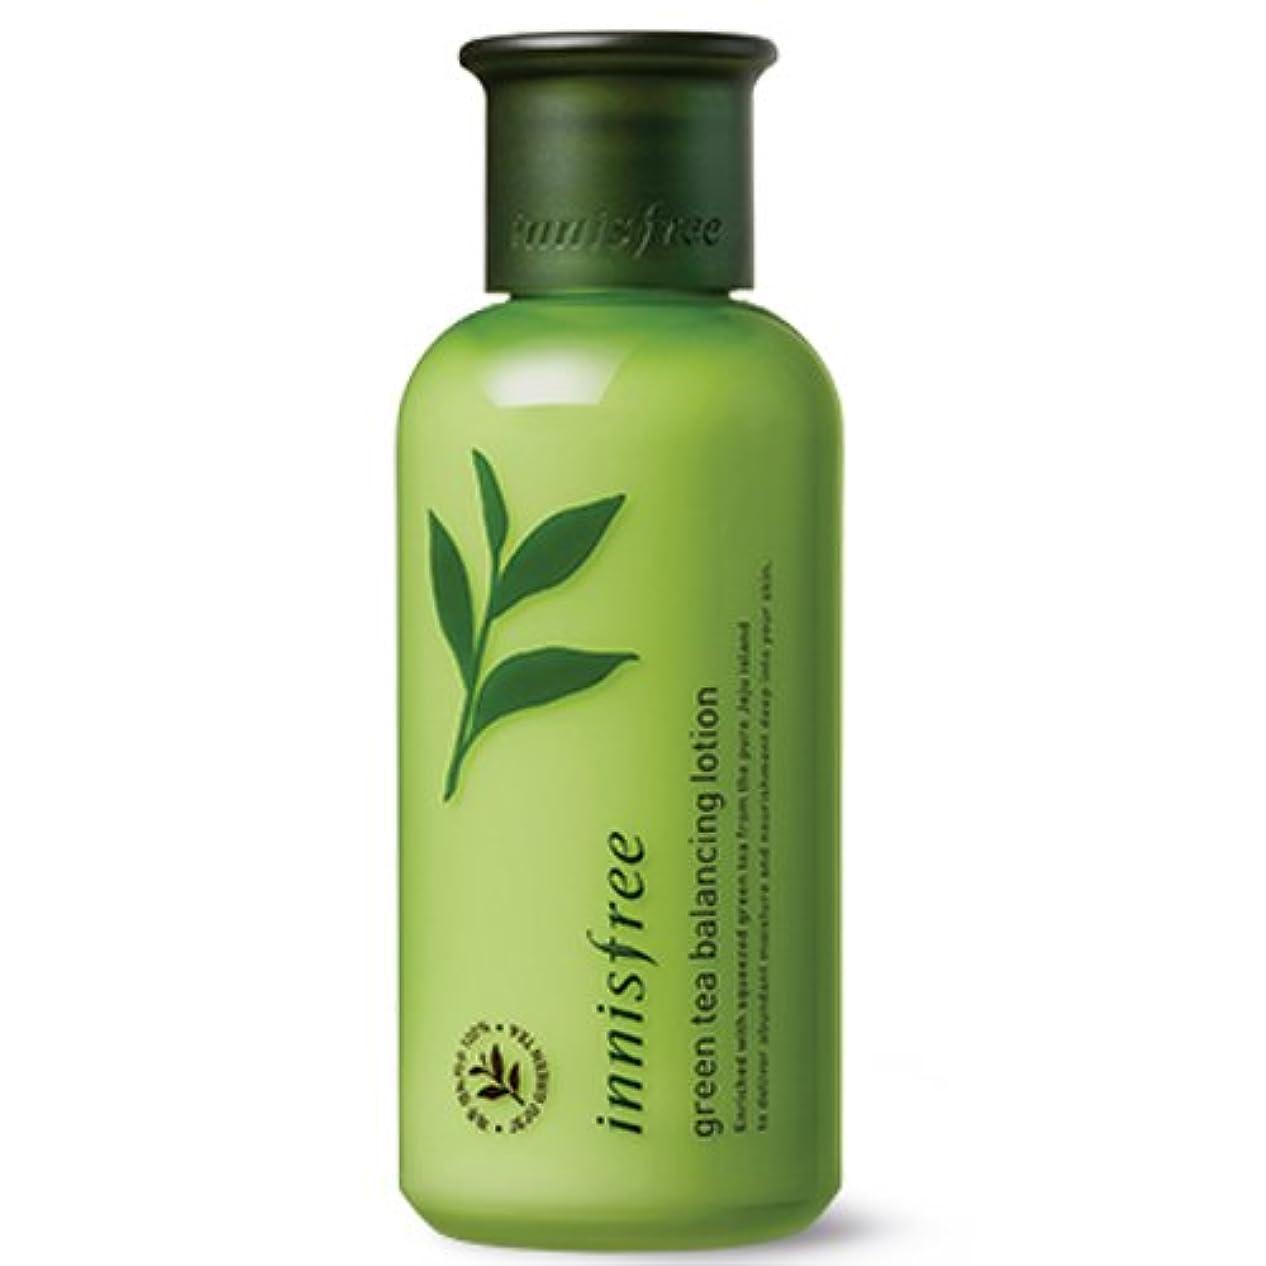 肌寒いアトミック尊厳[INNISFREE]イニスフリーグリーンティーバランシング ローション160ml innisfree green tea balancing lotion 160ml